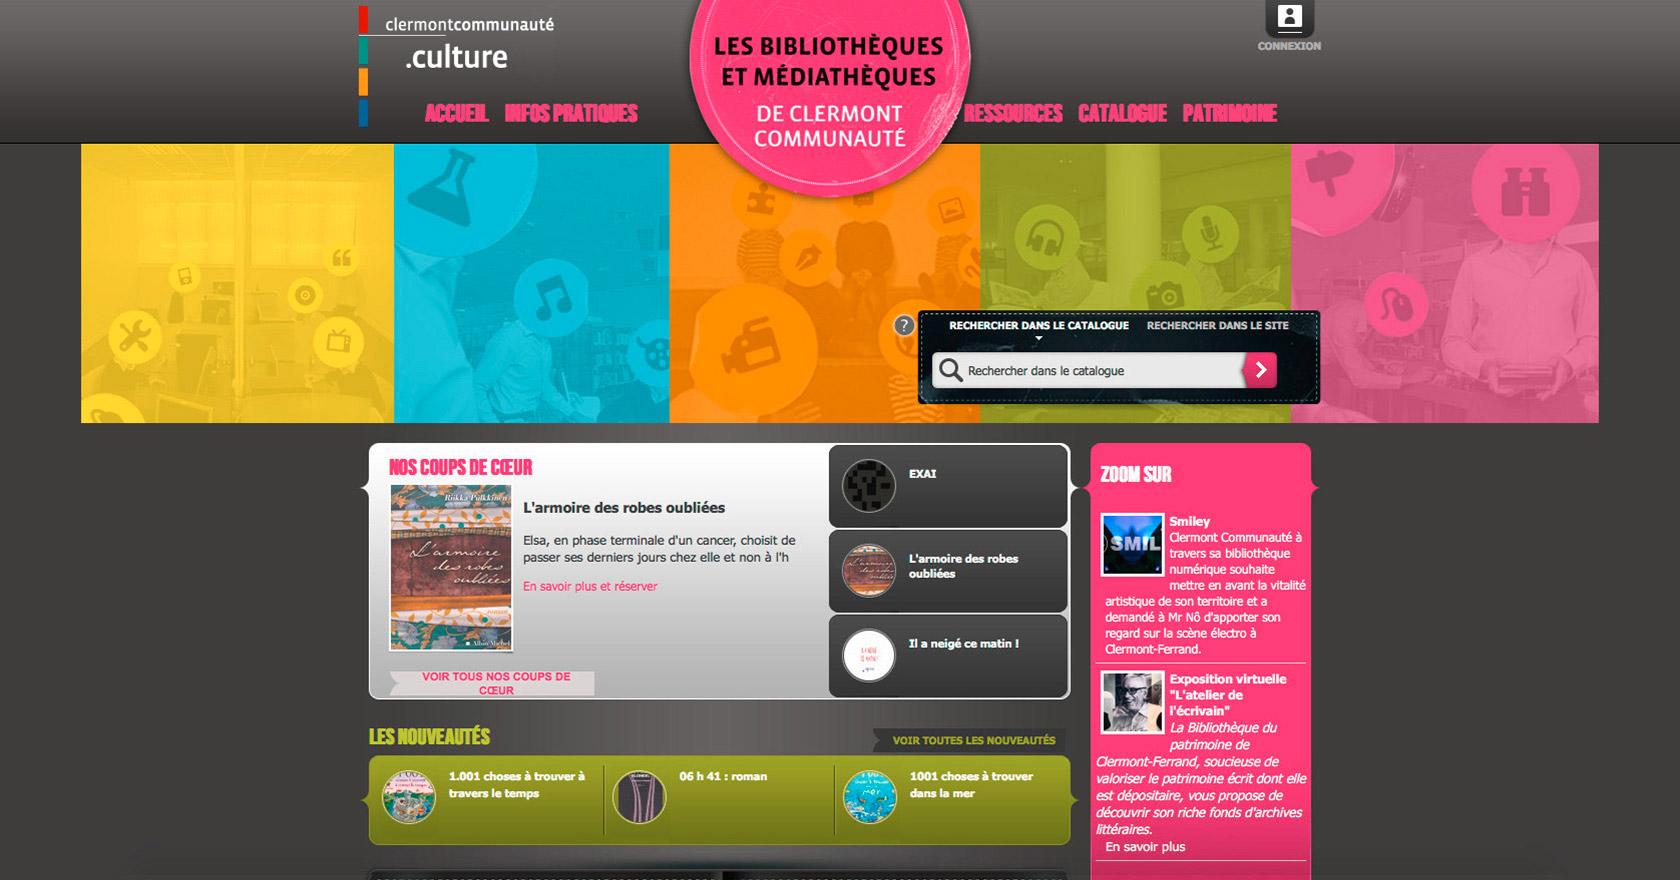 image-Clermont-communauté